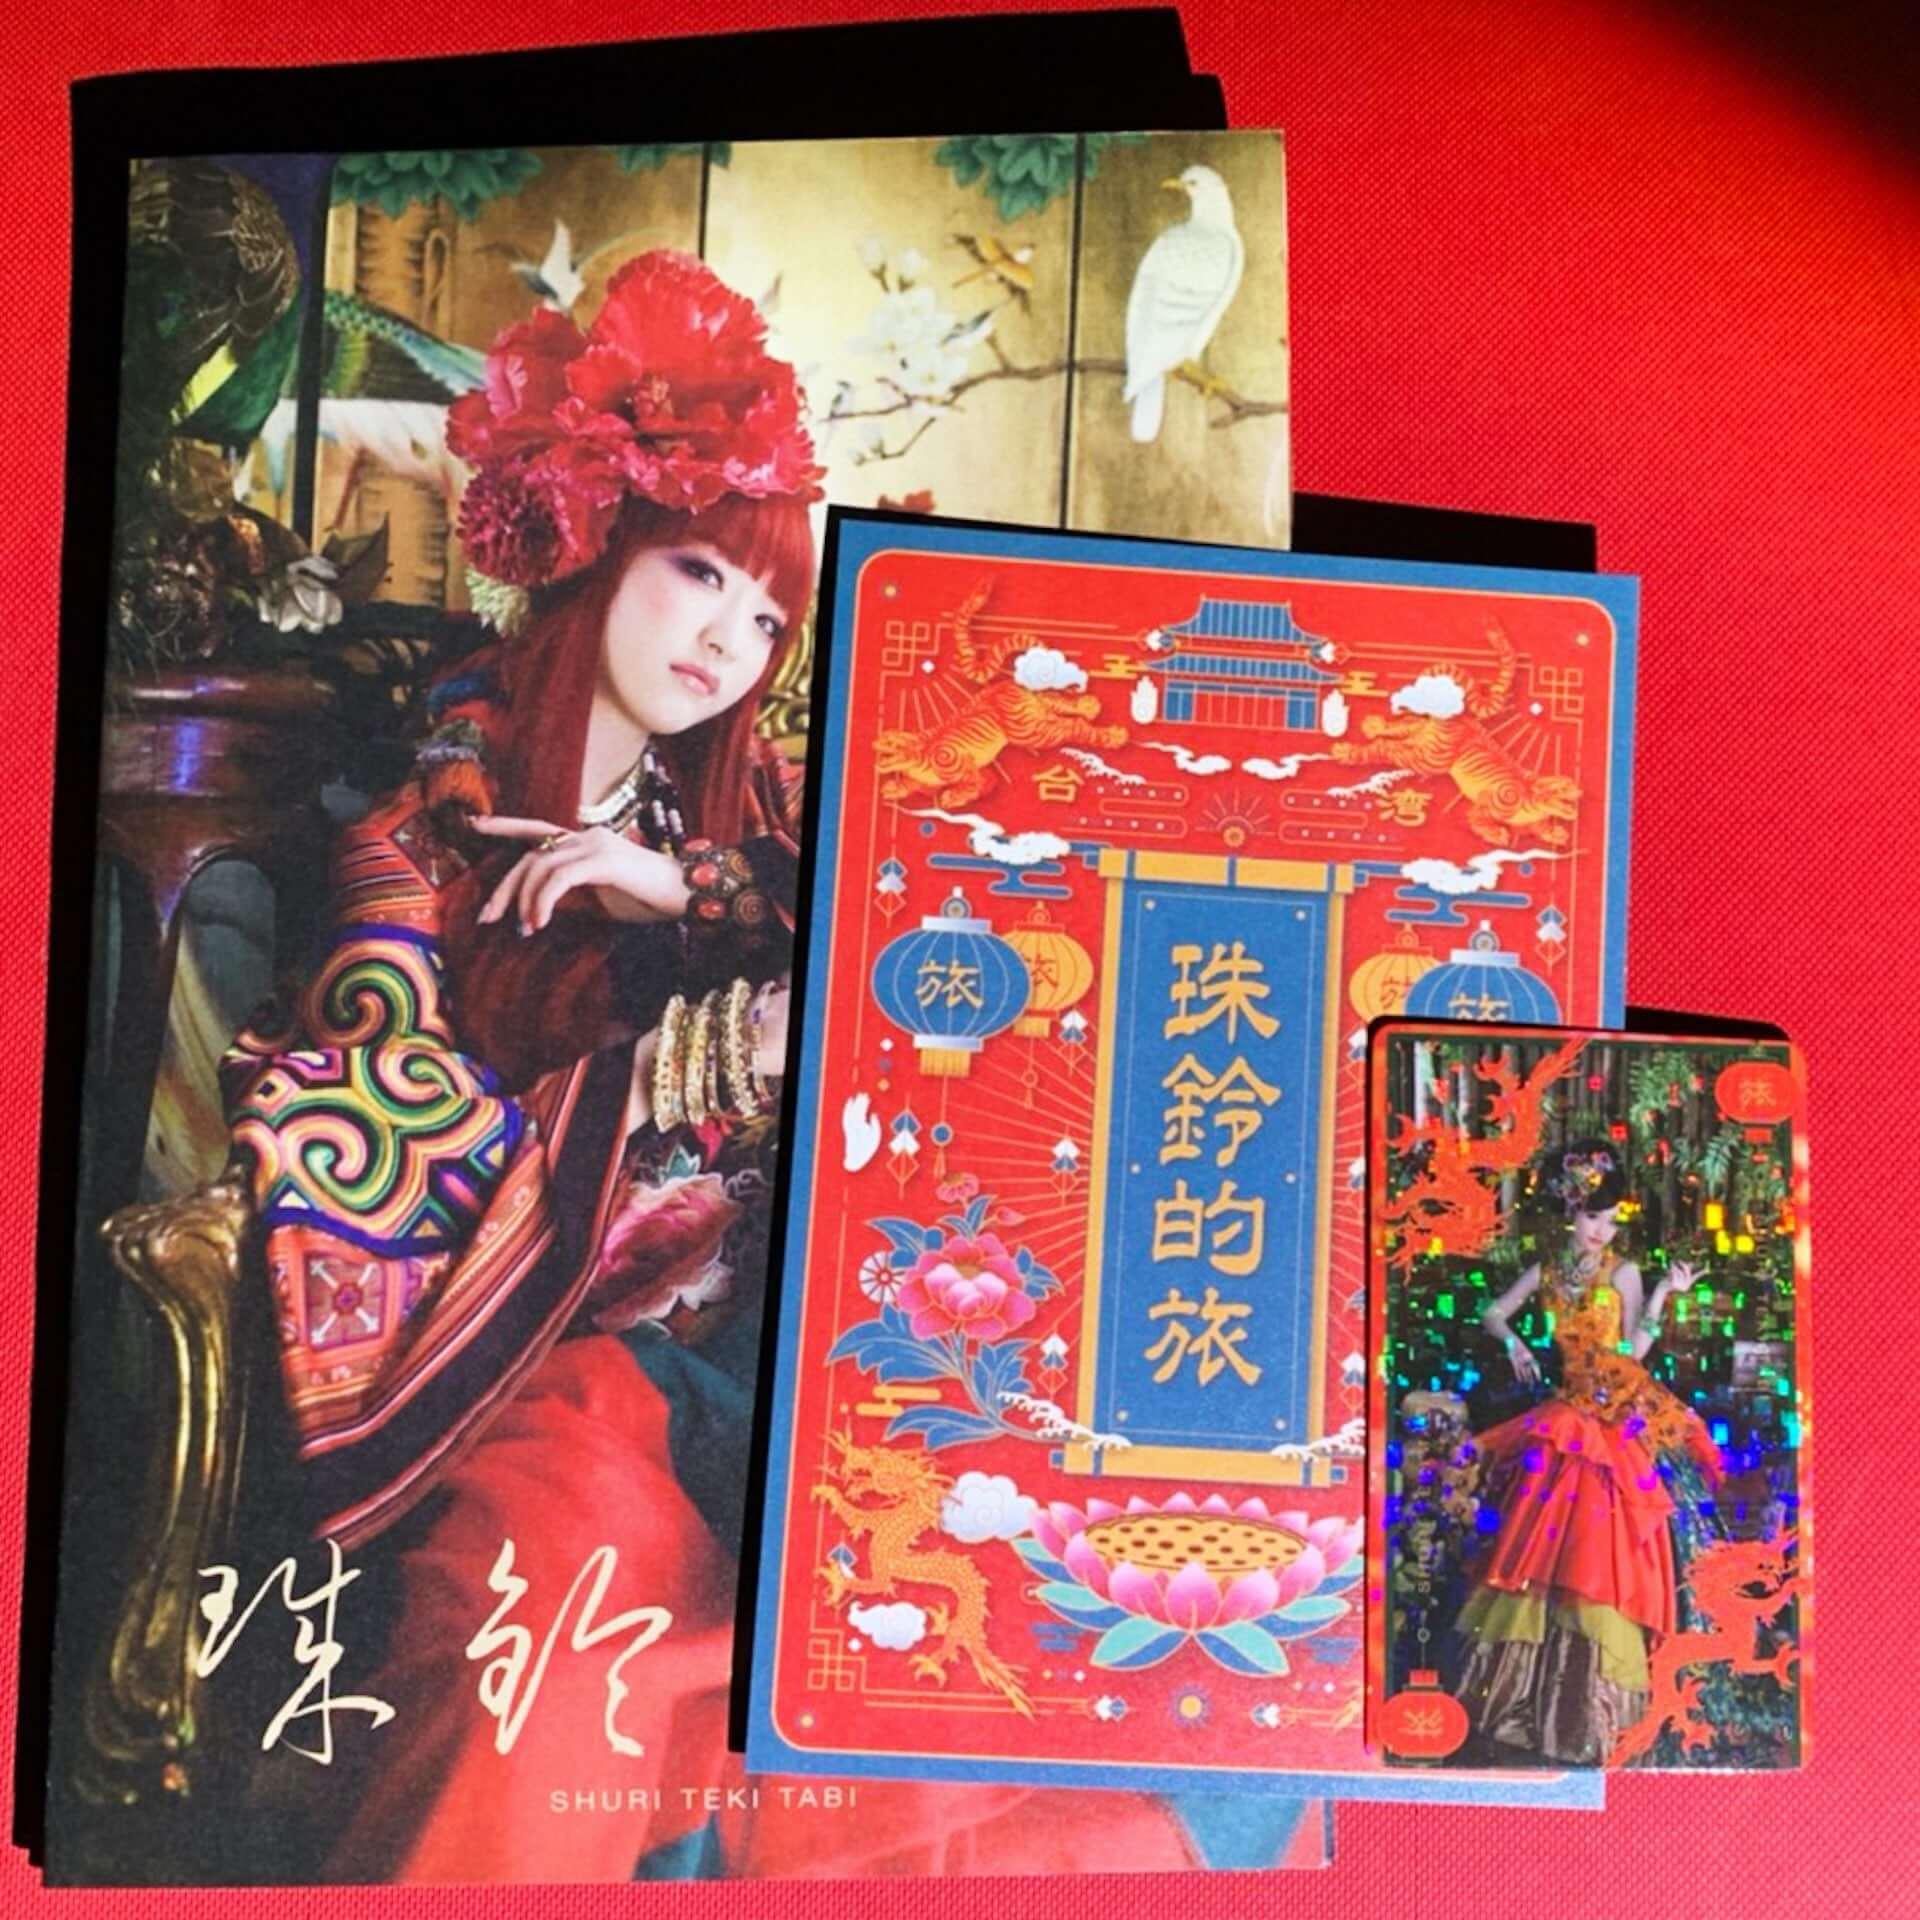 """珠 鈴が台湾での旅をテーマにした新曲""""そしてバスに戻る""""をデジタルリリース!自主制作のZINEも発売 music200925_shuri_1-1920x1920"""